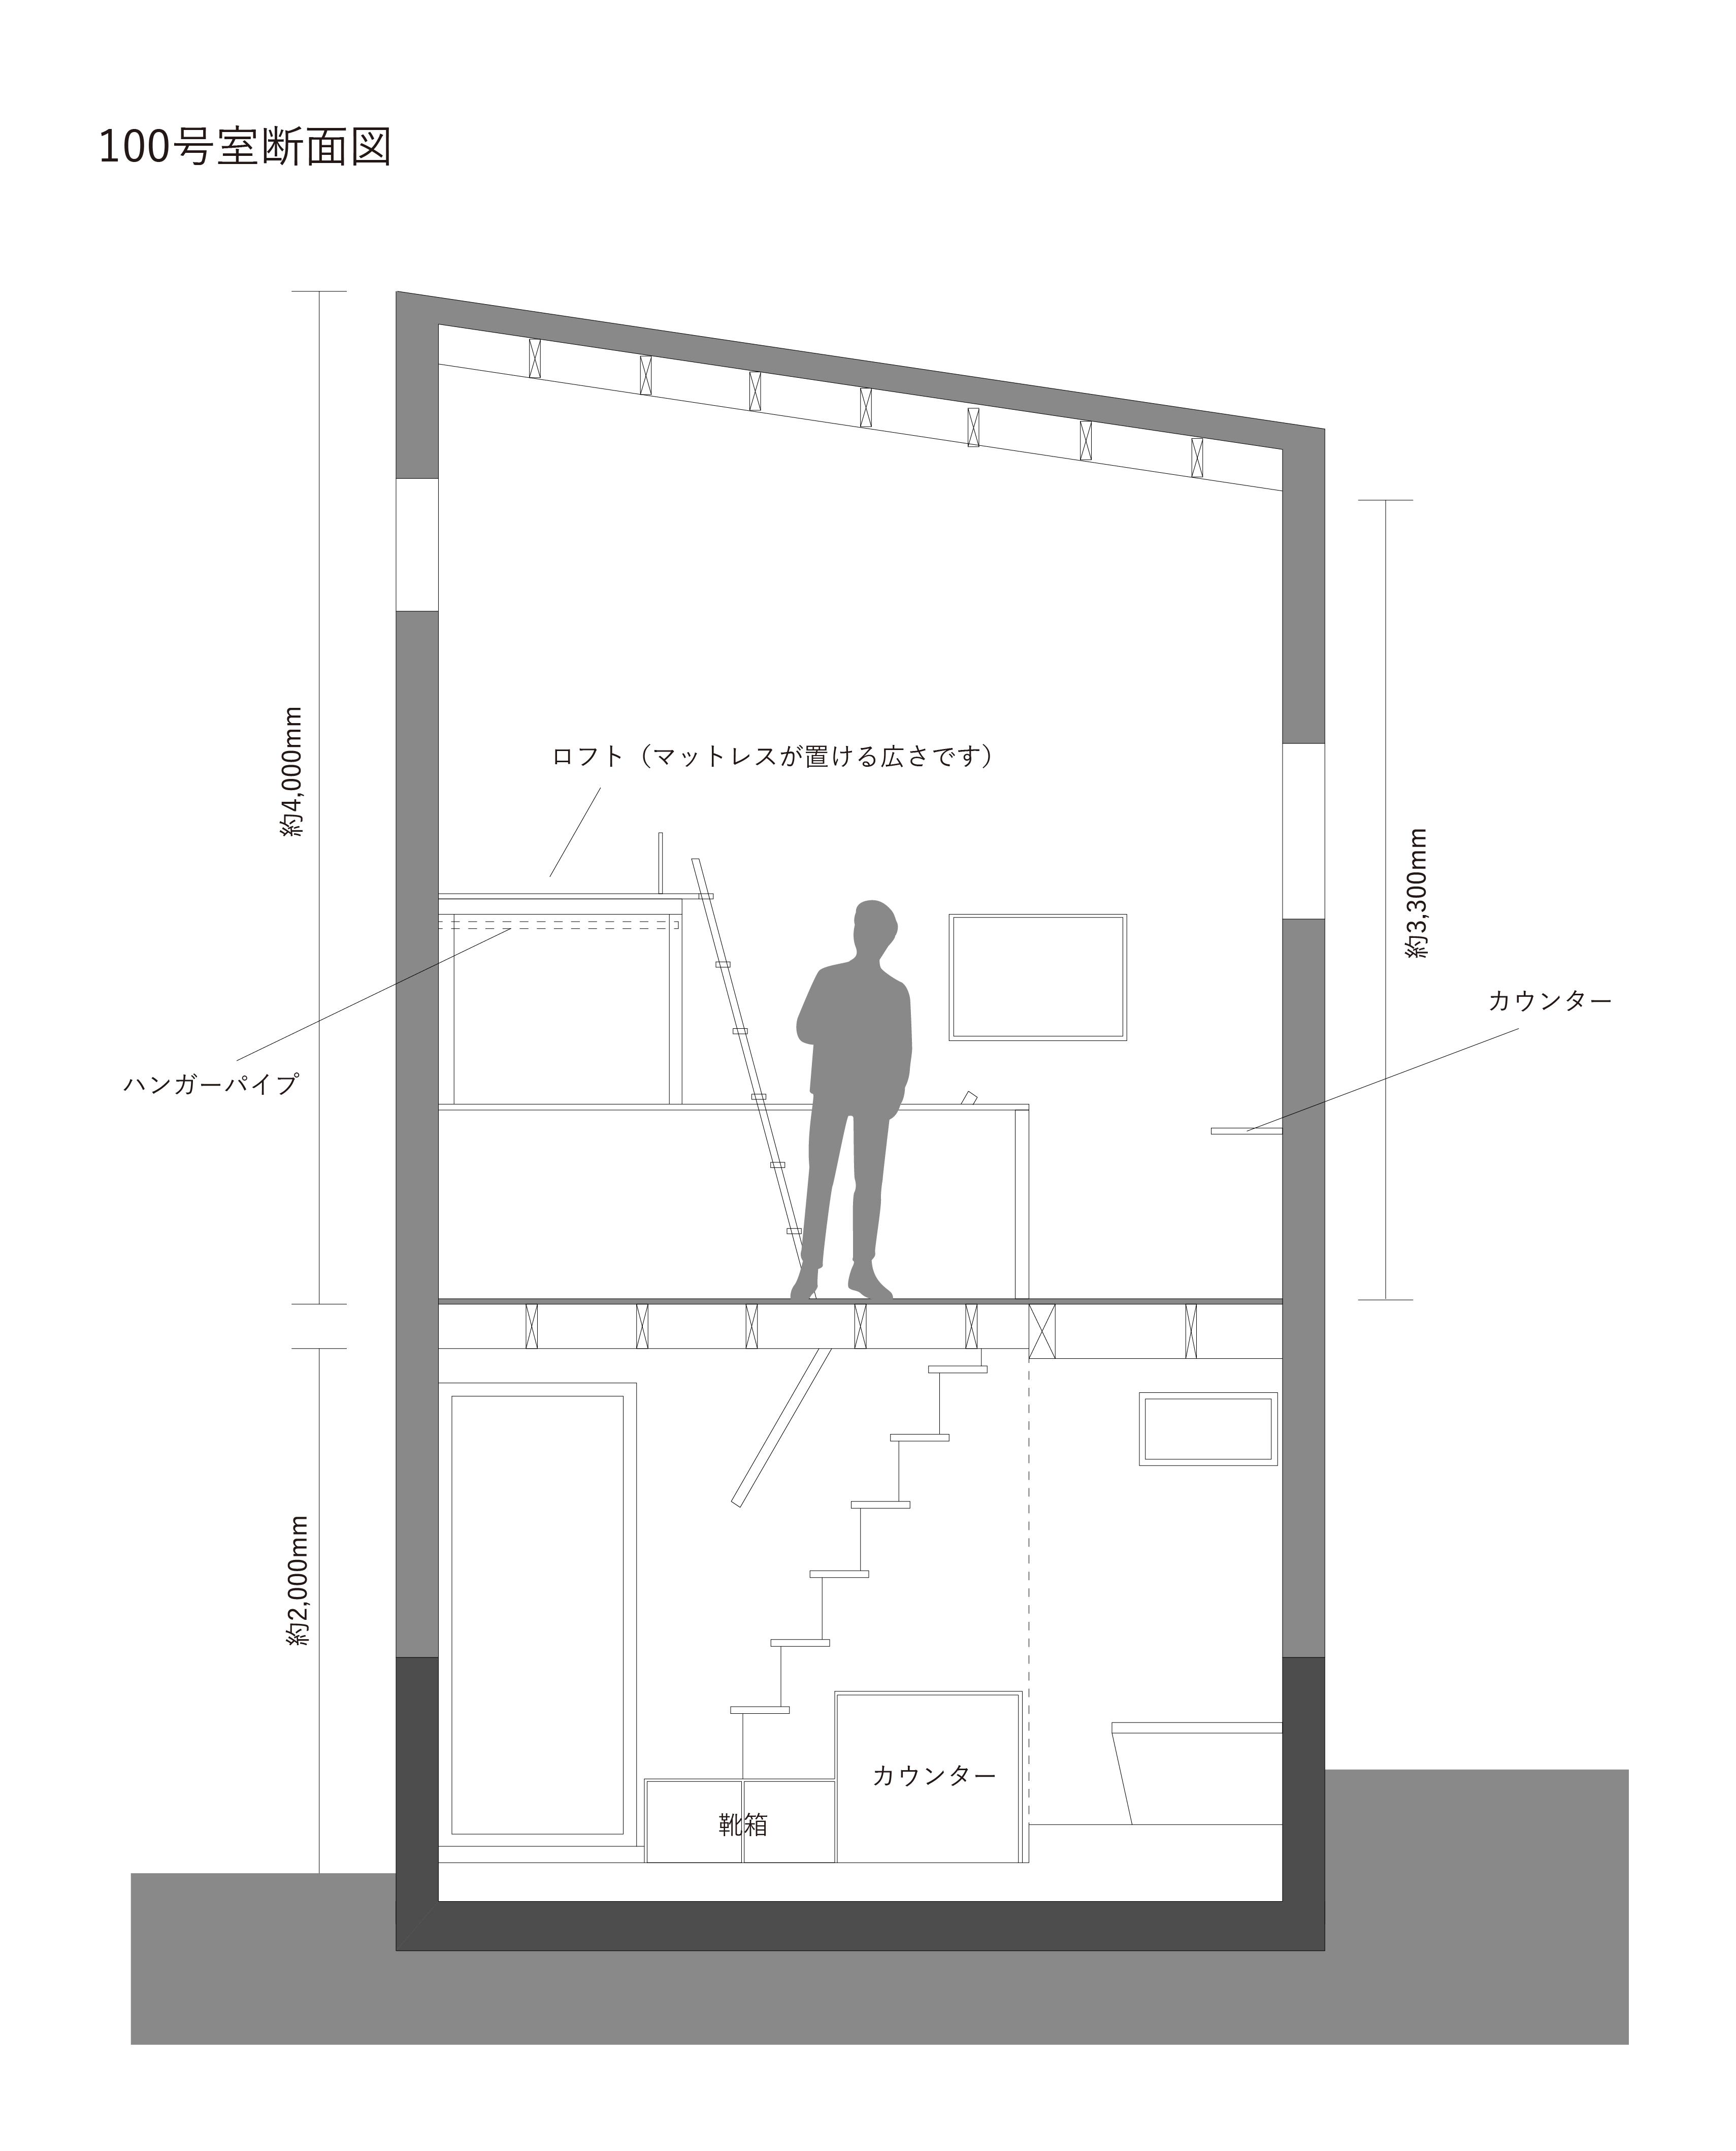 A号室断面図